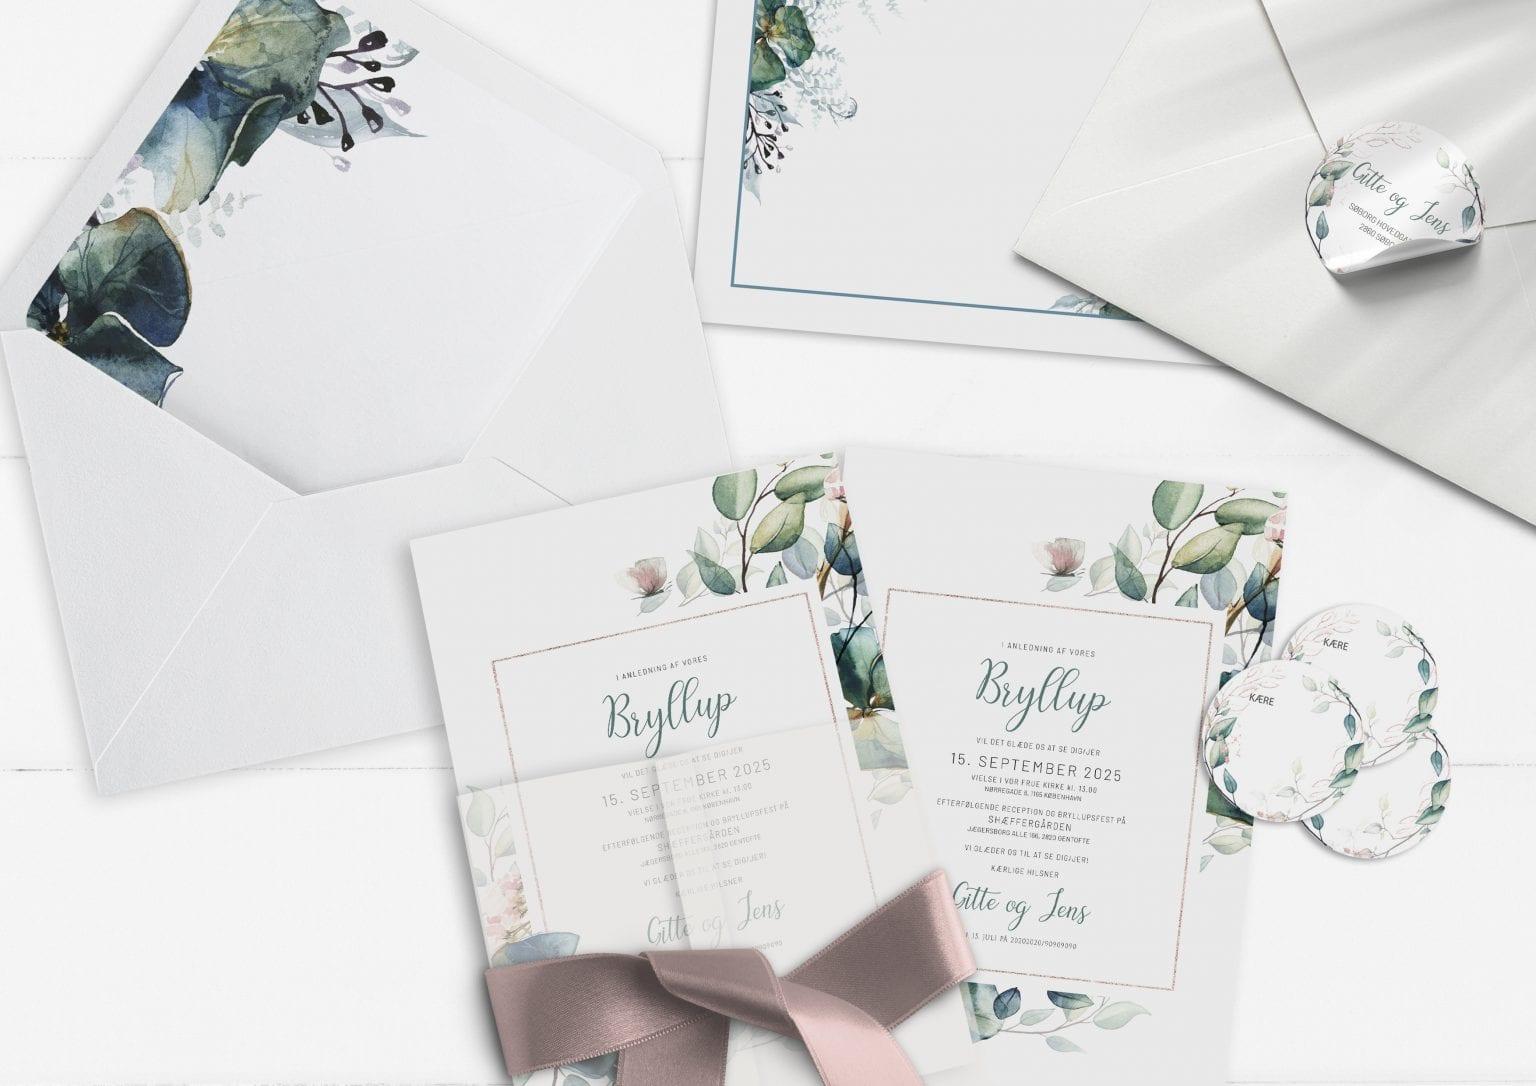 Teal Vibrant, Invitation, bryllup